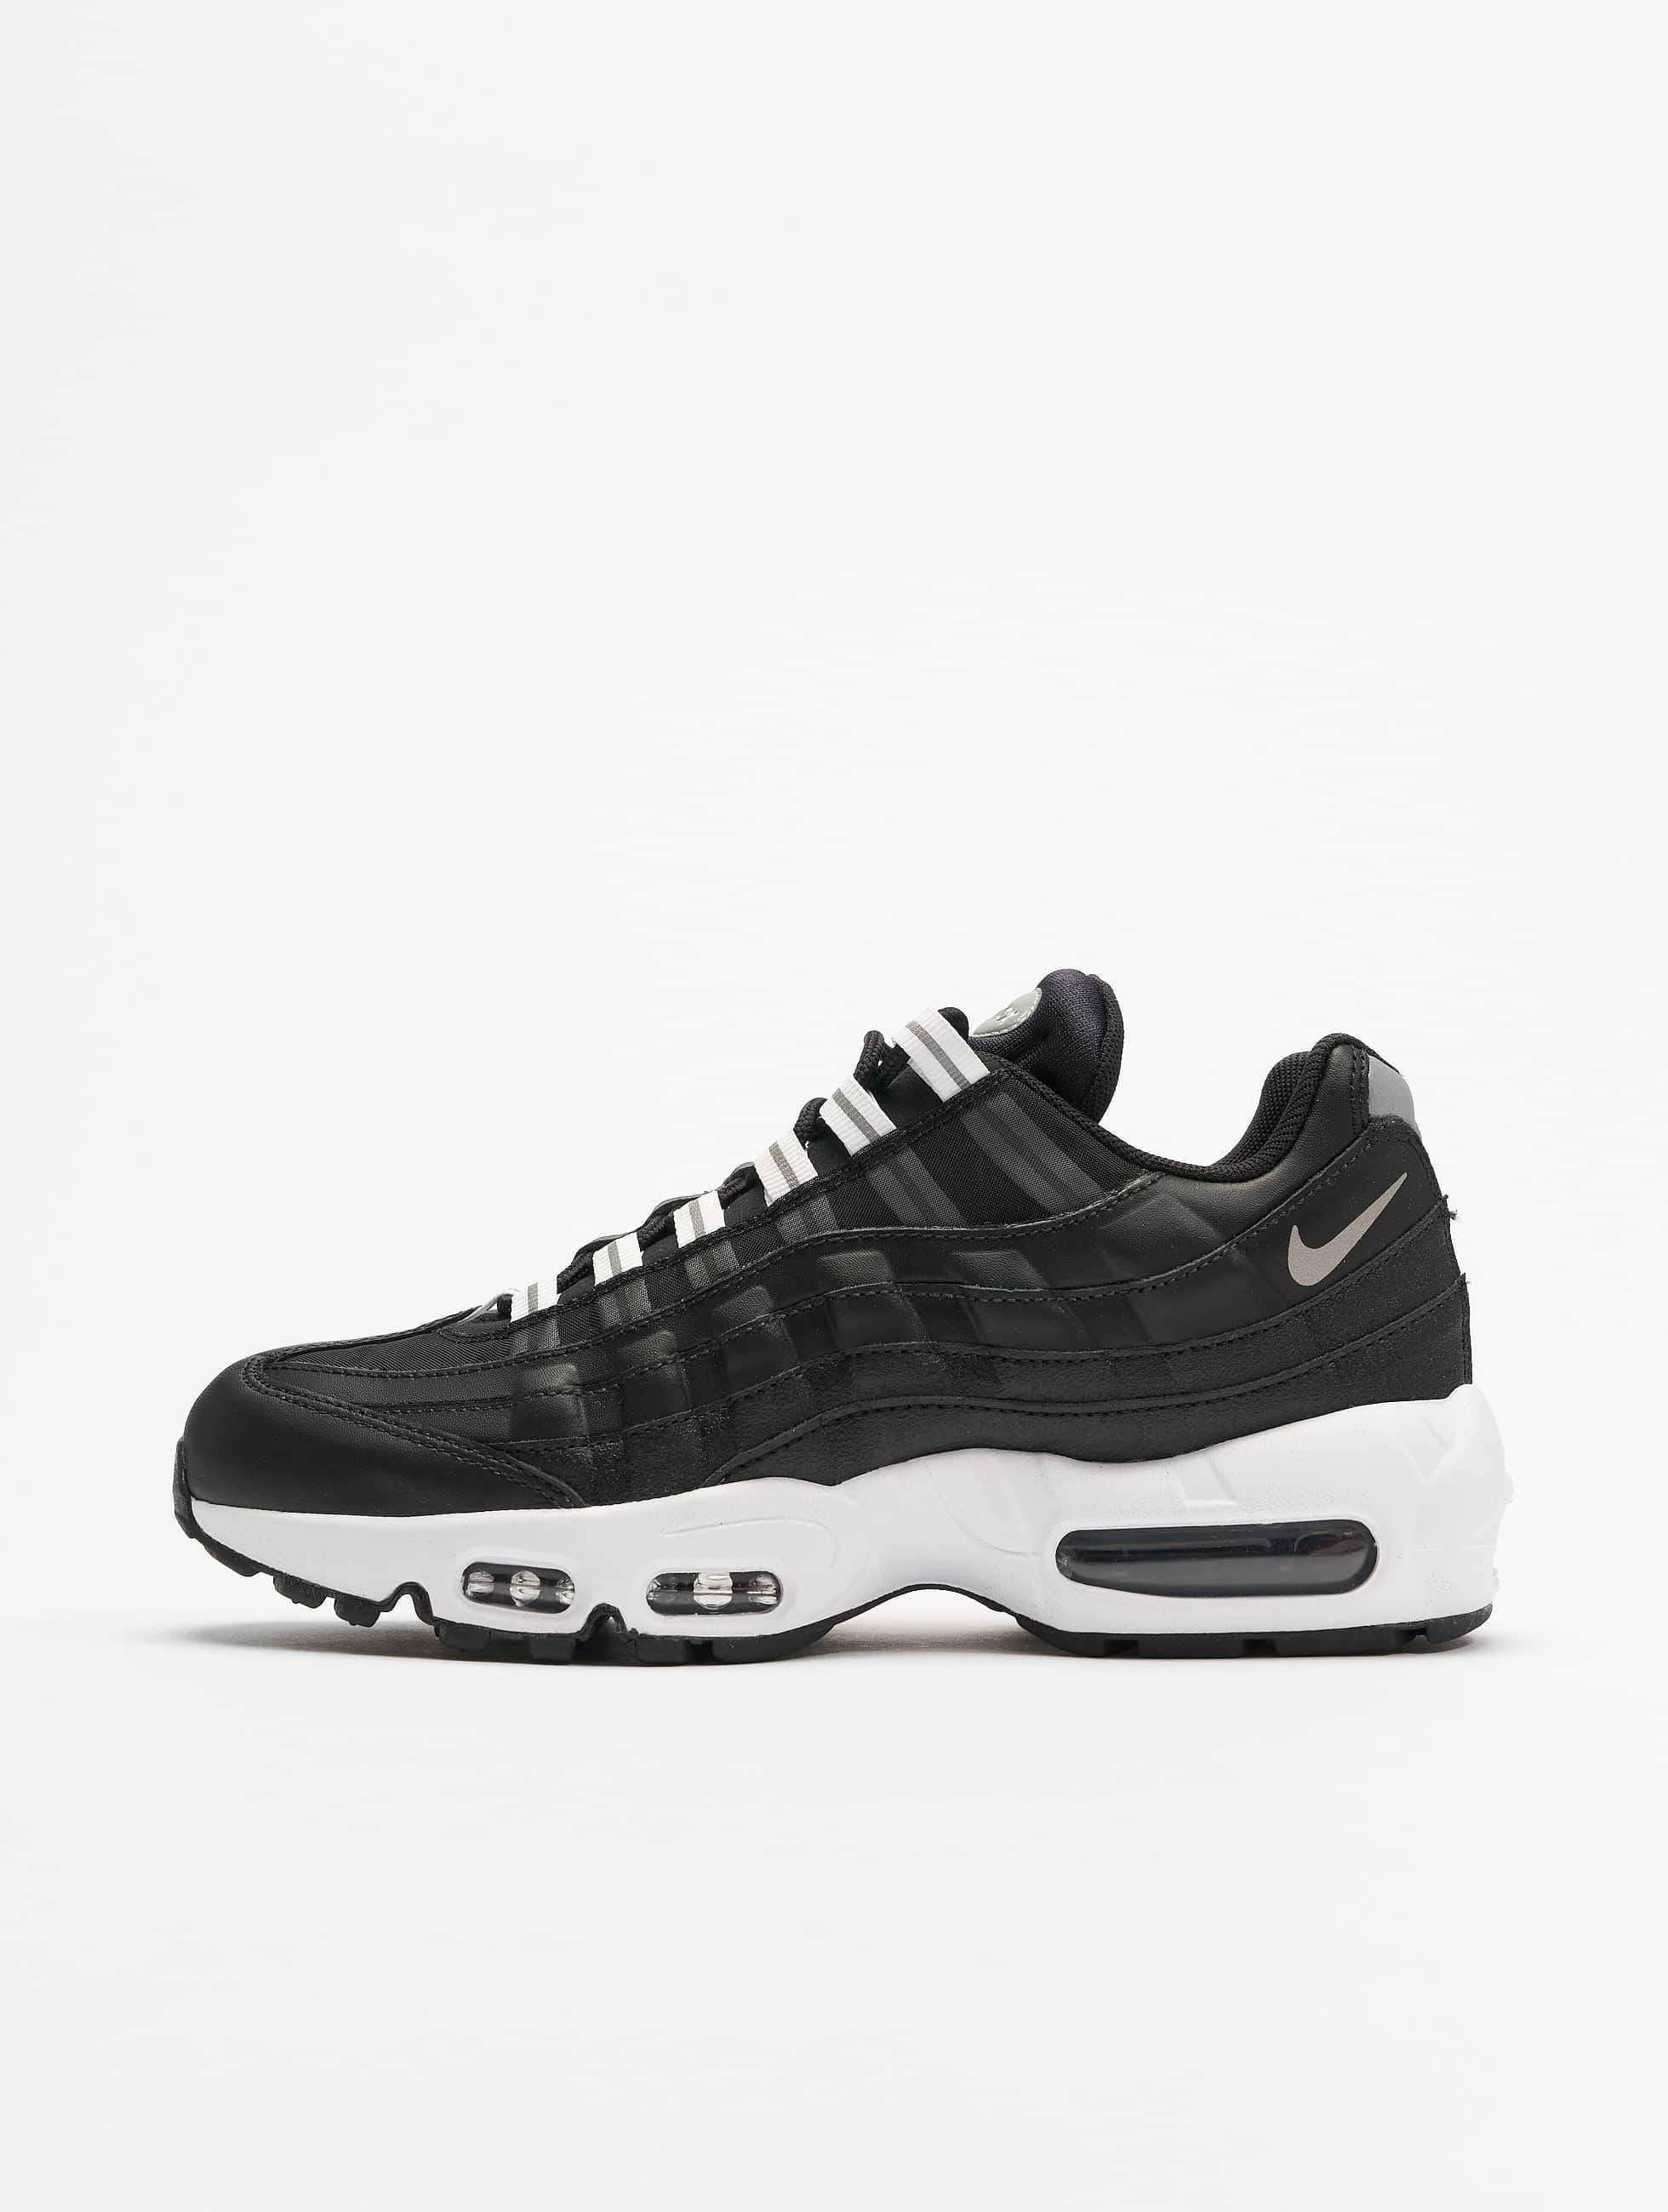 new style 630f3 6de87 Nike Damen Sneaker Air Max 95 in schwarz 539356